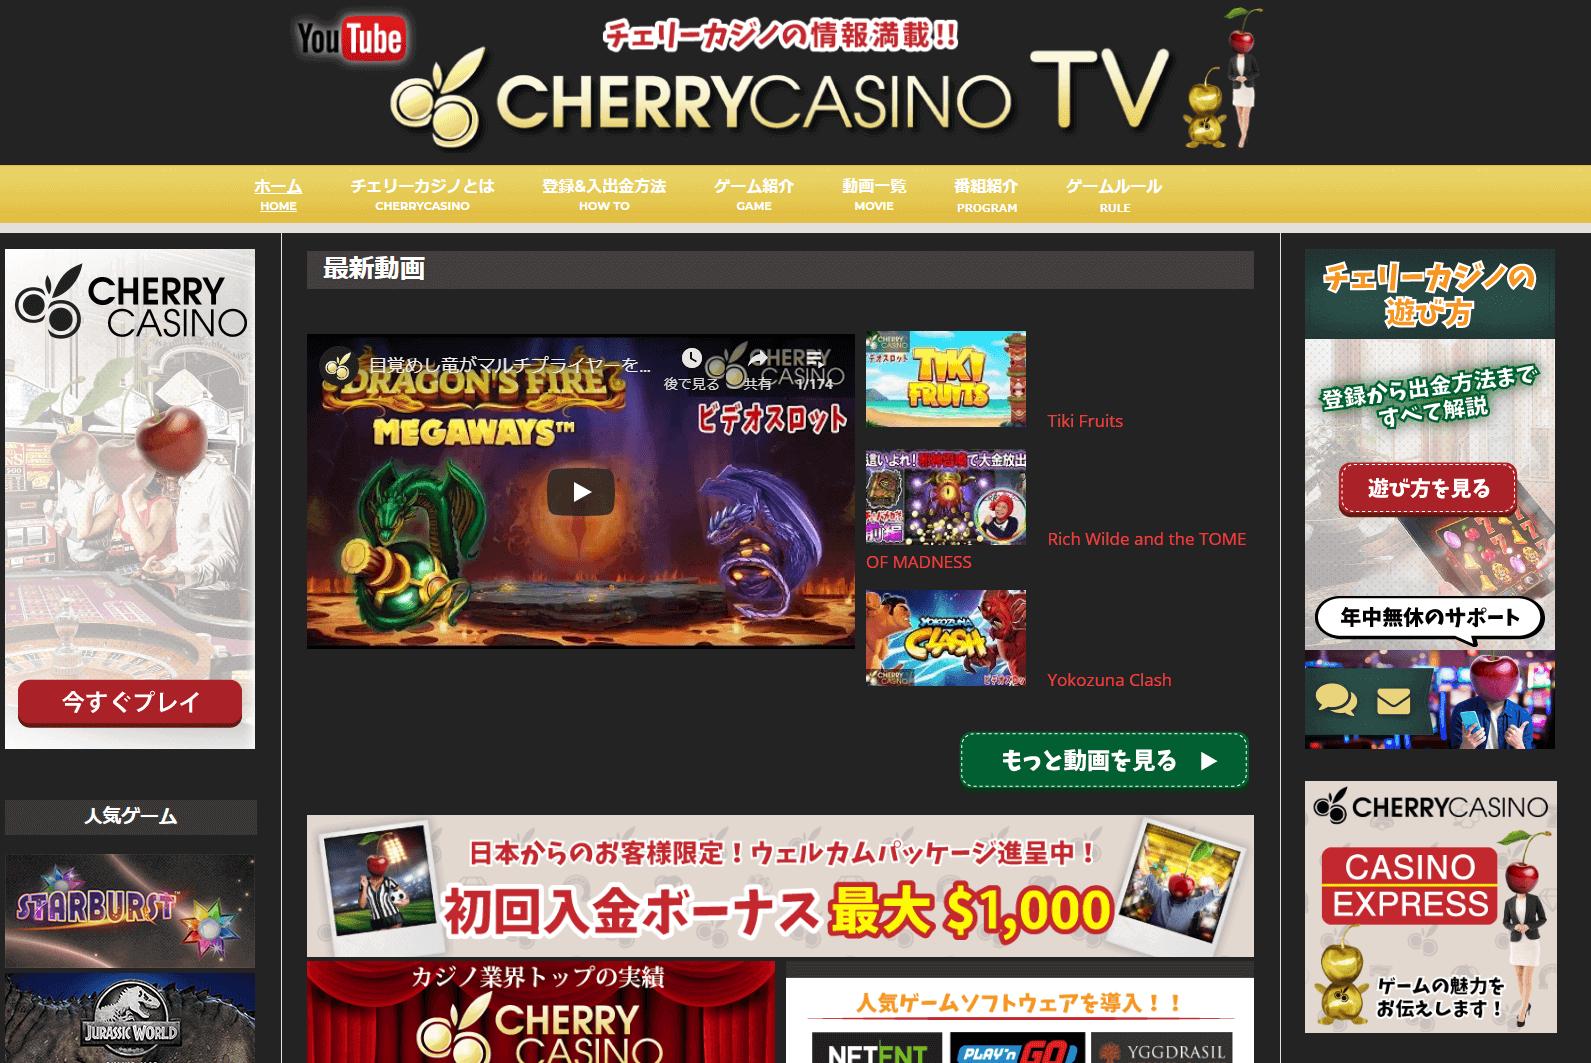 チェリーカジノのオフィシャルYouTubeチャンネル画像1